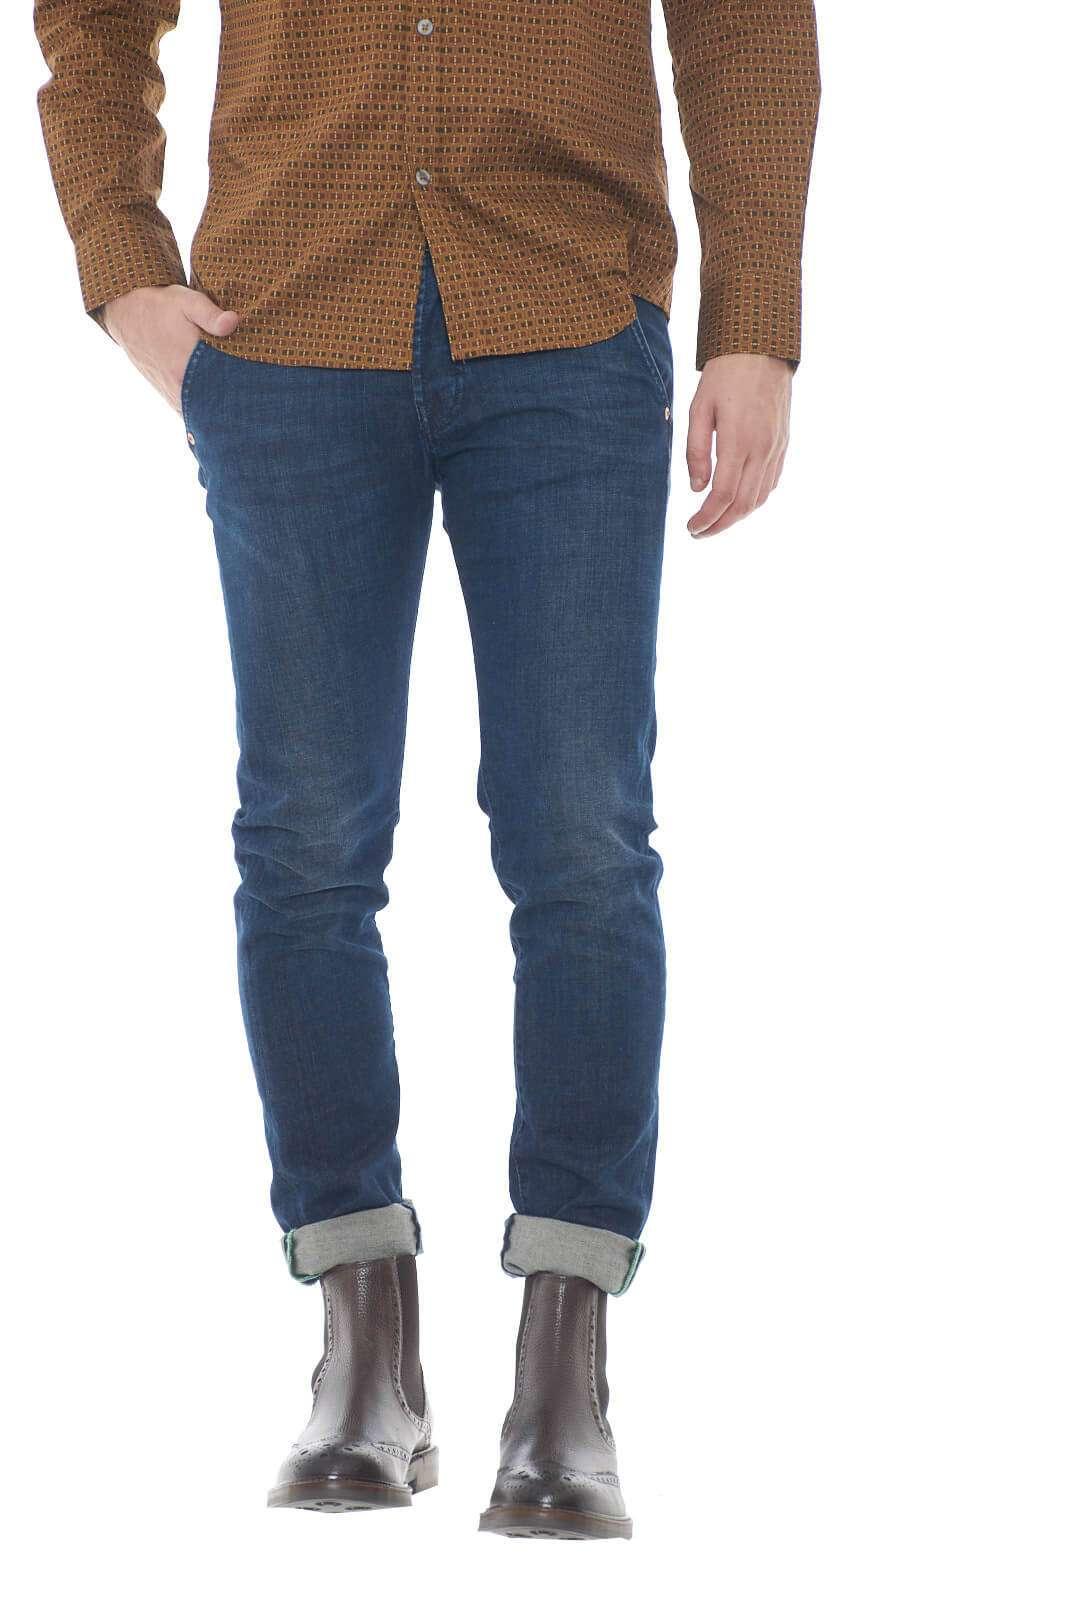 Un jeans dalle caratteristiche tasche america per il nuovo Elias proposto dalla collezione uomo Roy Roger's.  Il lavaggio scuro lo rende versatile e raffinato, rendendolo perfetto sia per gli outfit casual che più impegnati.